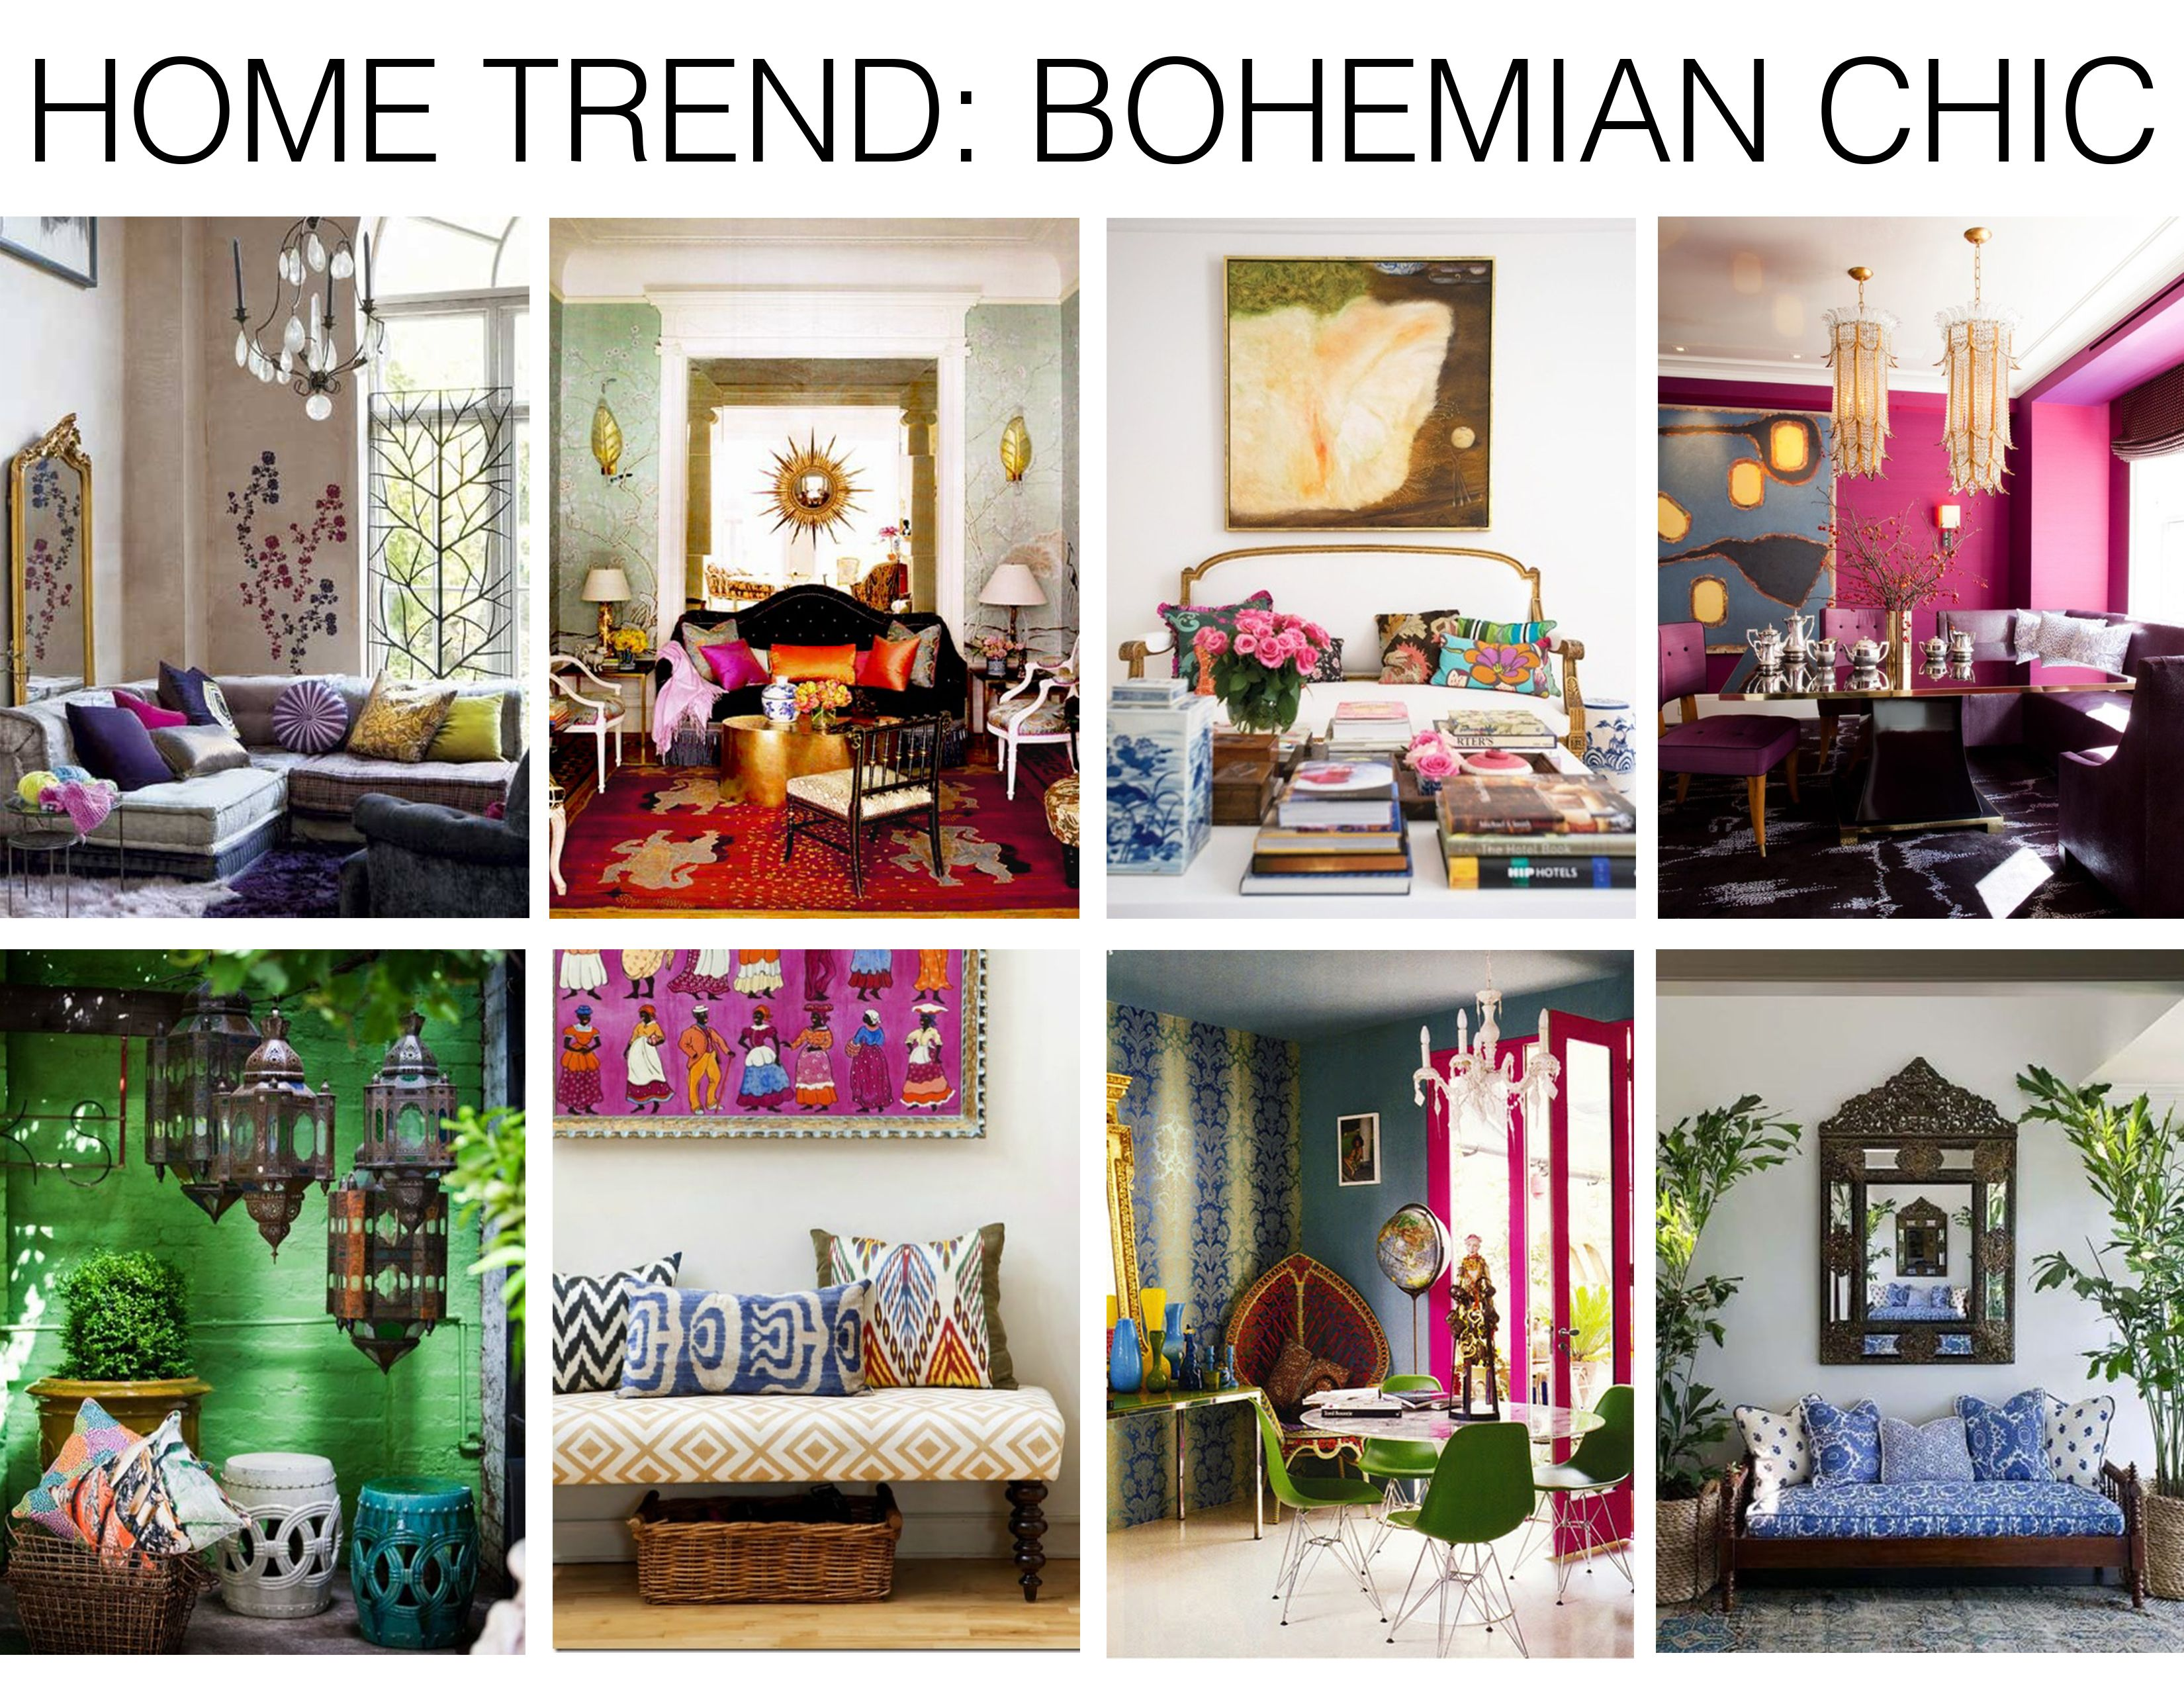 Ibiza Bohemian Chic Styles in Interior Design